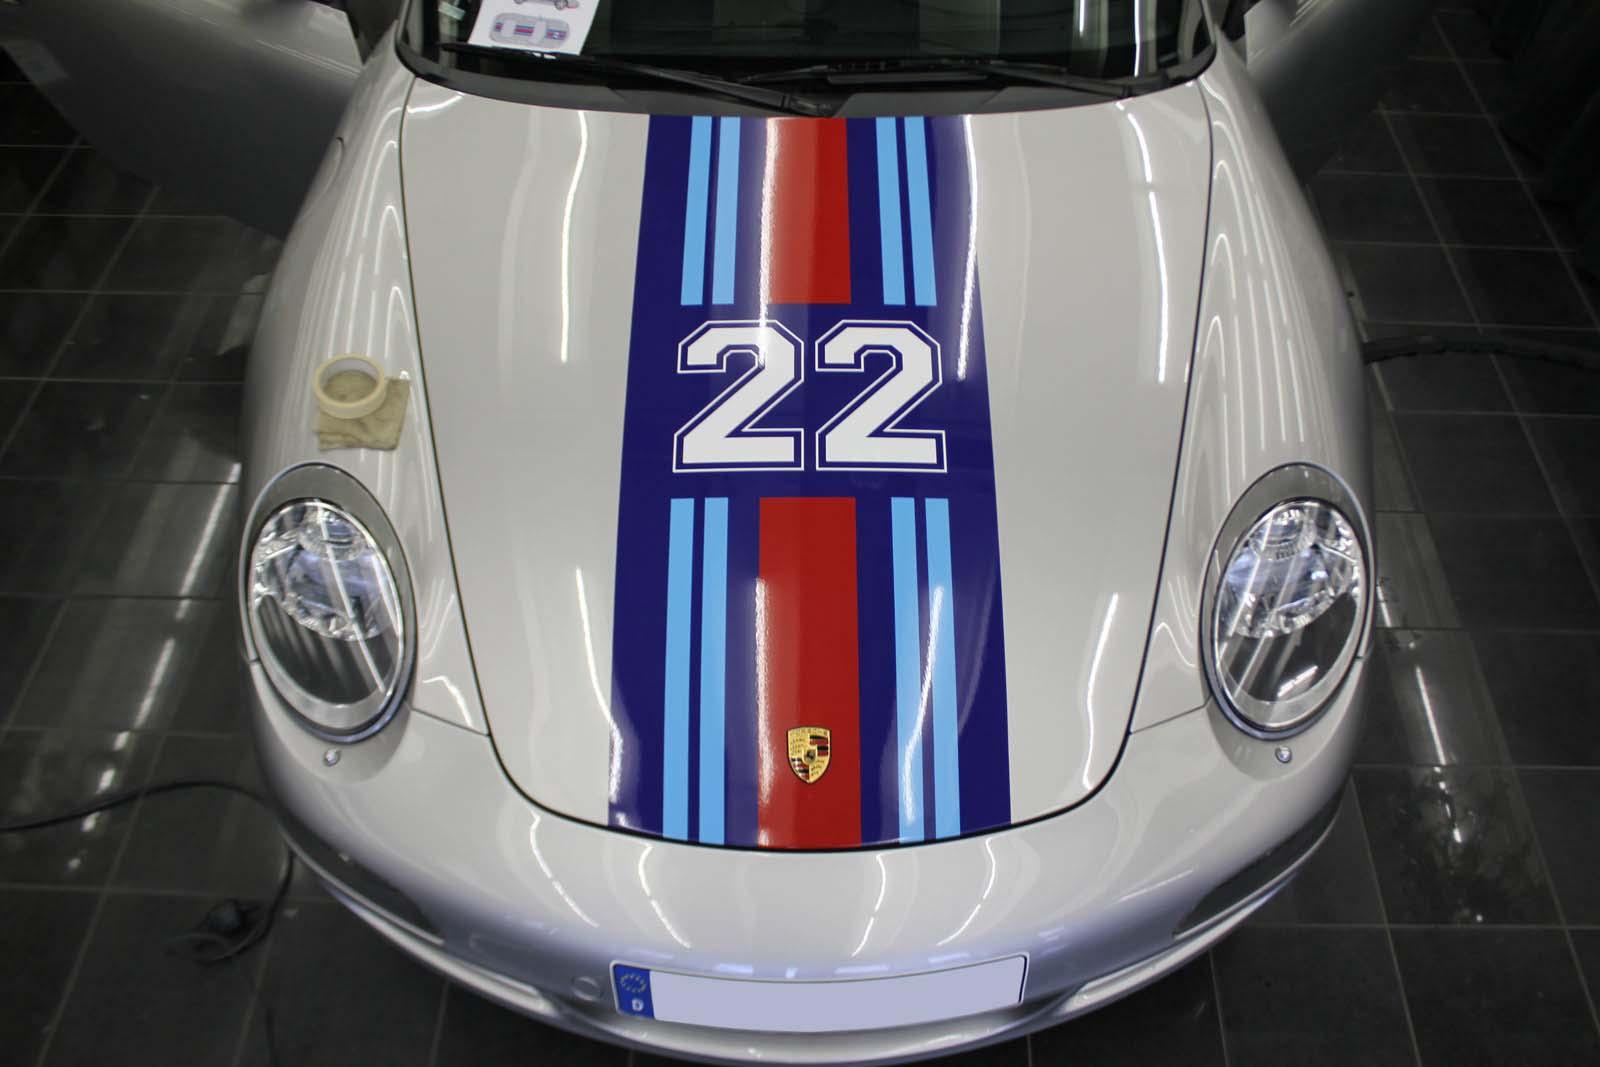 Porsche_911_Rallyestreifen_Teilfolierung_Martini_Design_05